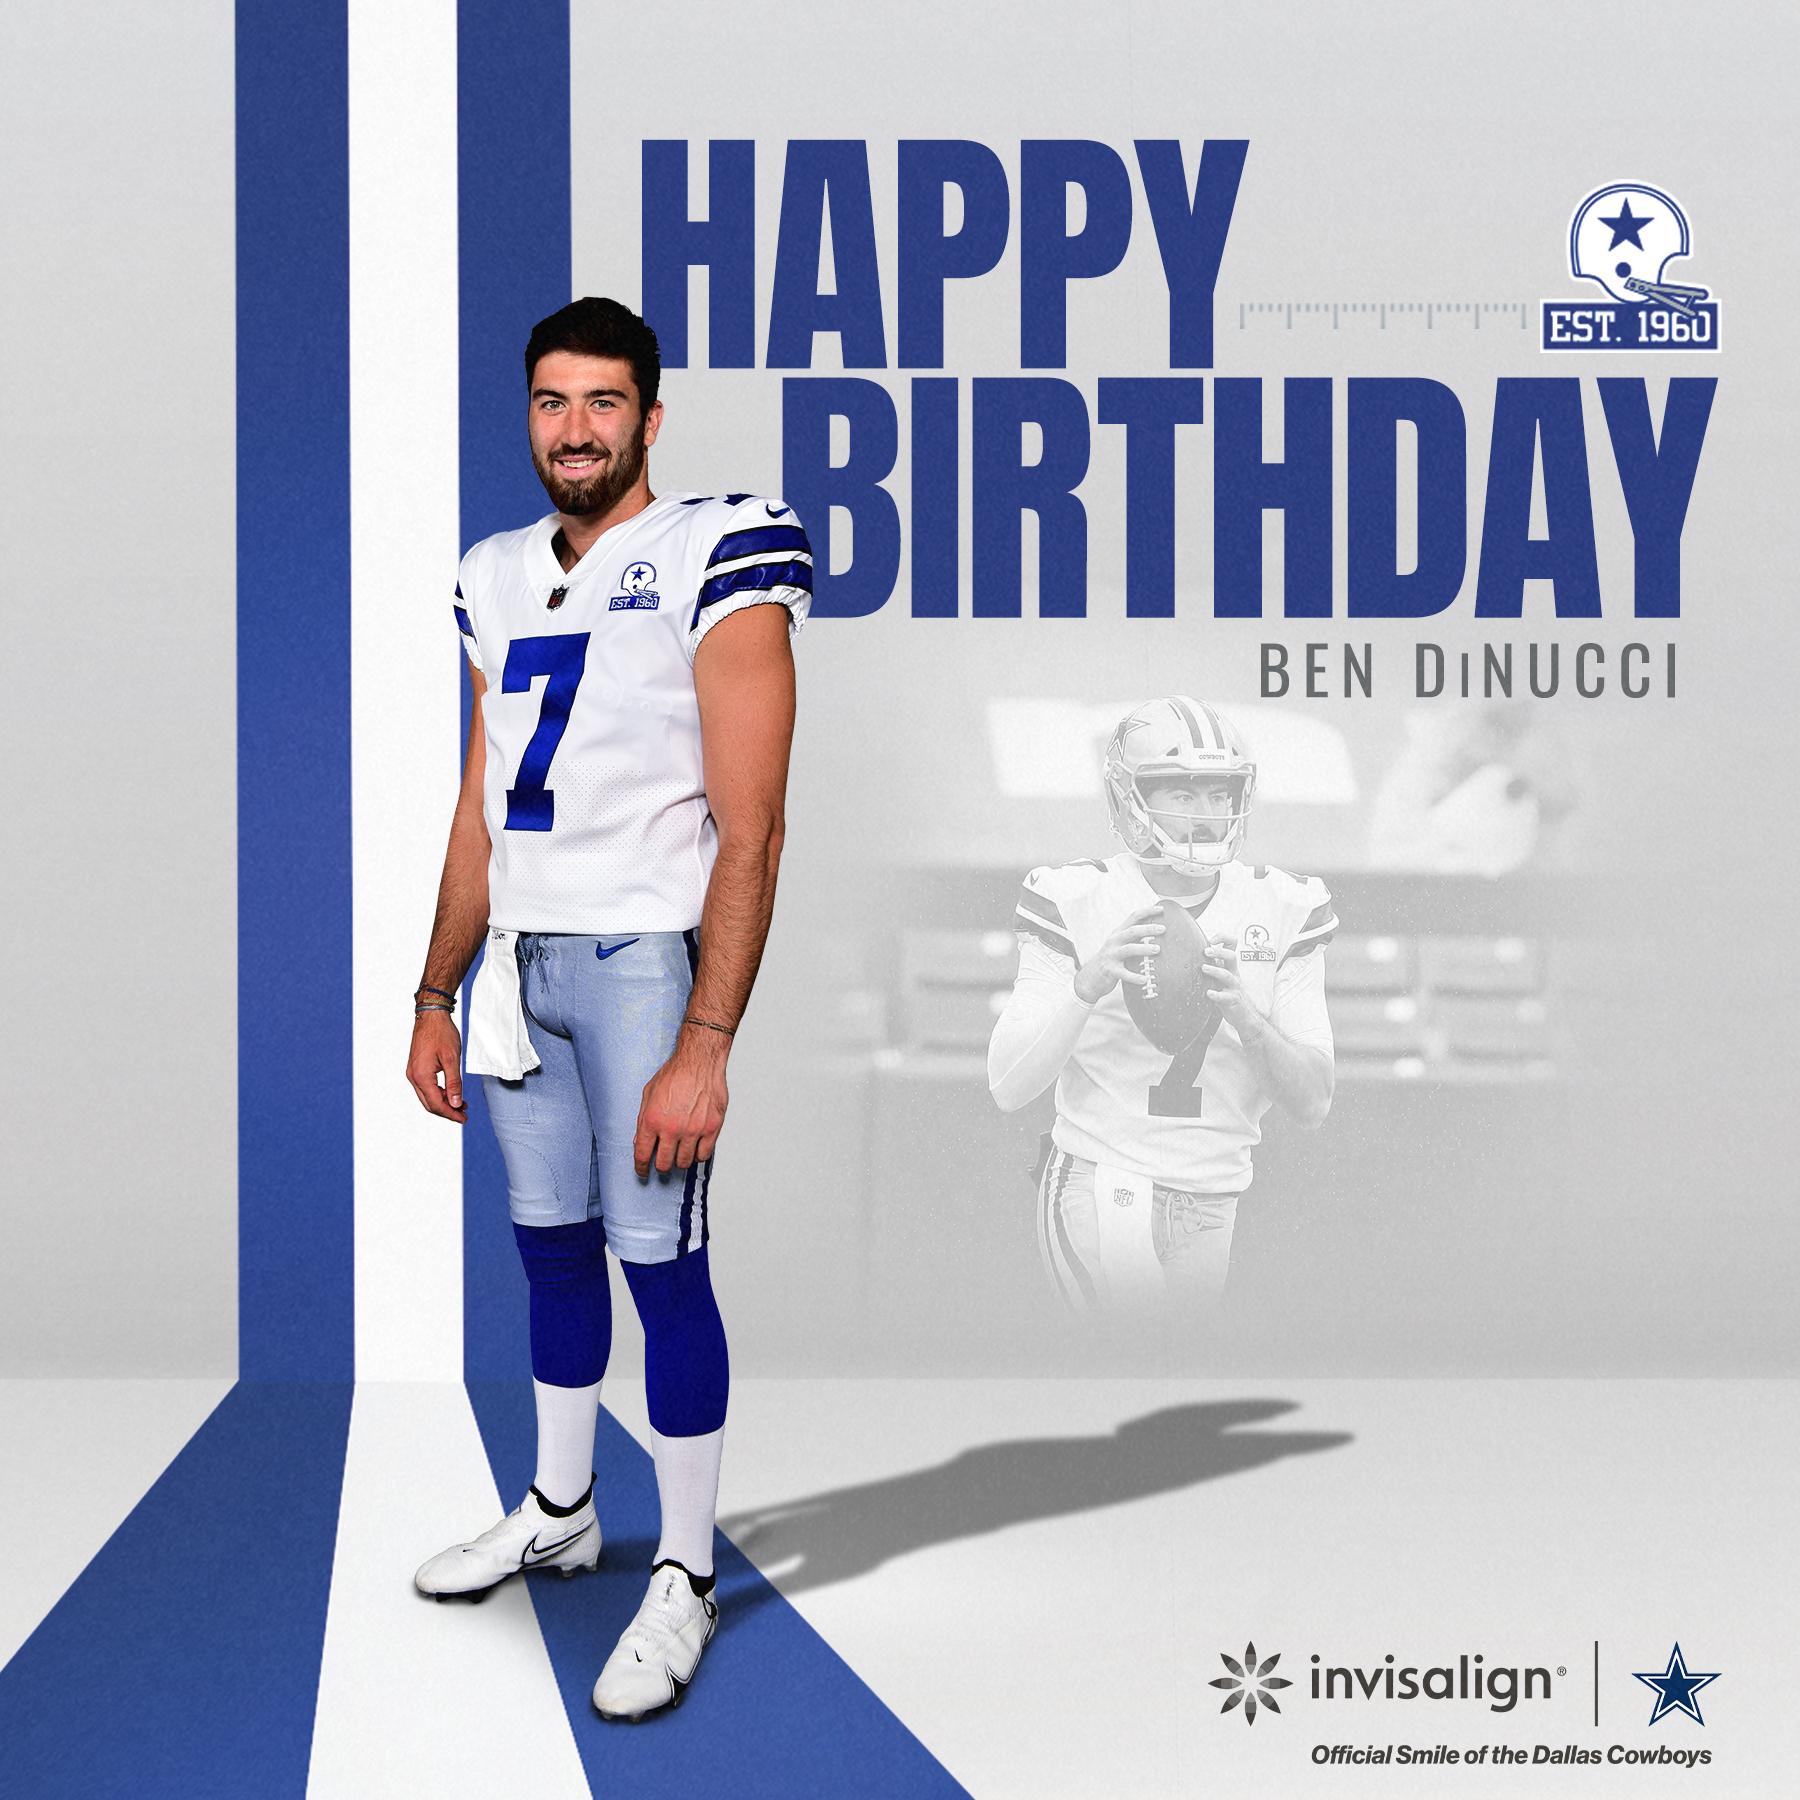 Dallas Cowboys On Twitter Happy Birthday Dallascowboys B Dinucci6